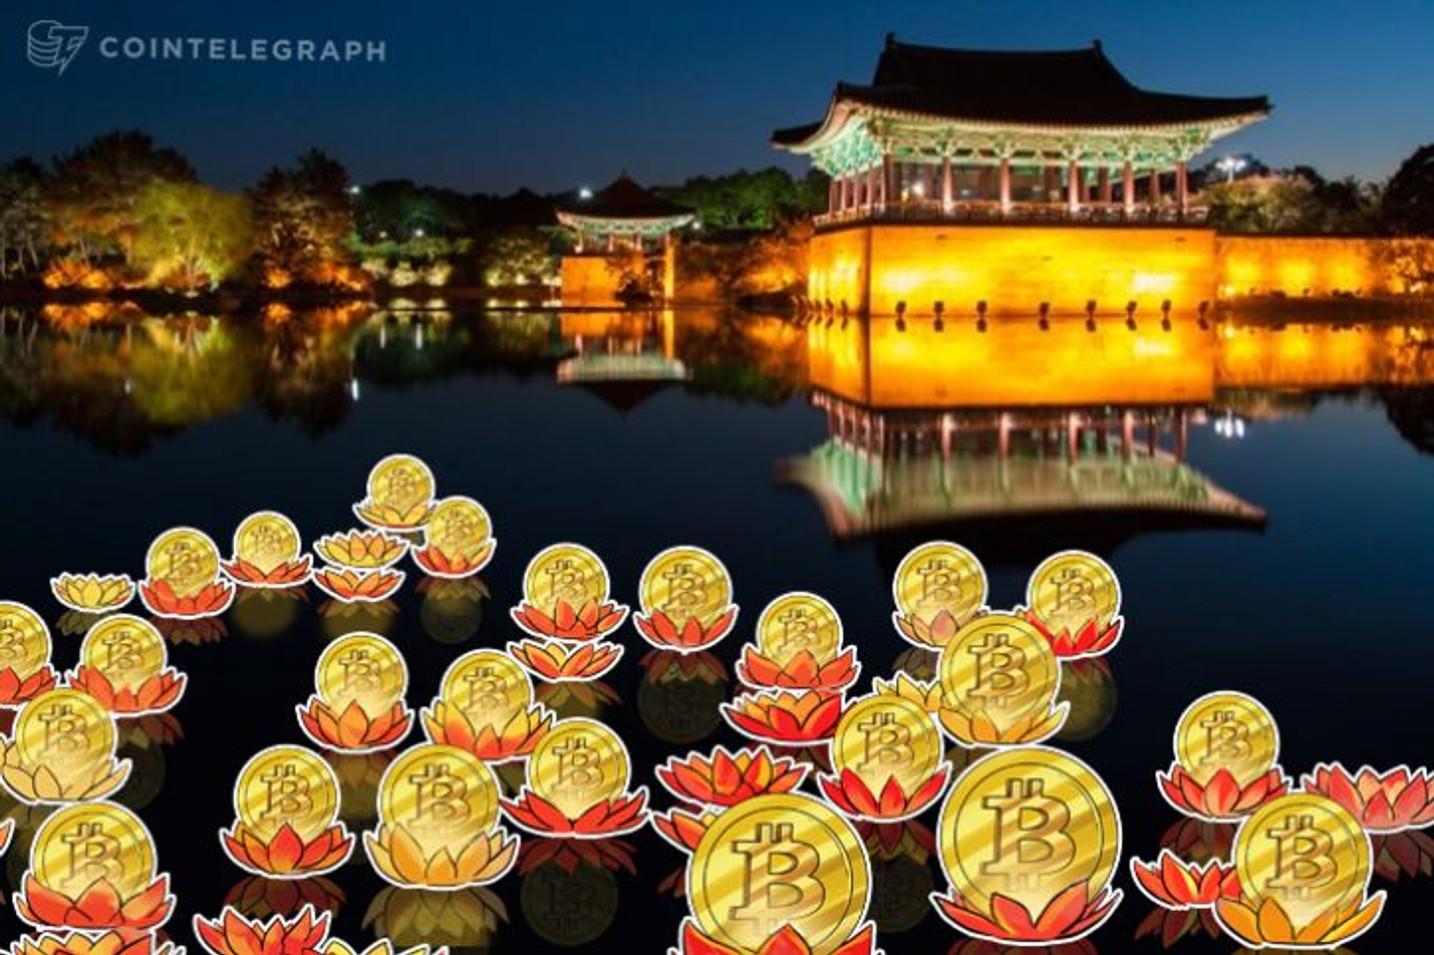 韓国政府が仮想通貨バブル崩壊からの利用者保護を目的としたビットコイン及びイーサリアム関連の規制法案をまもなく施行か